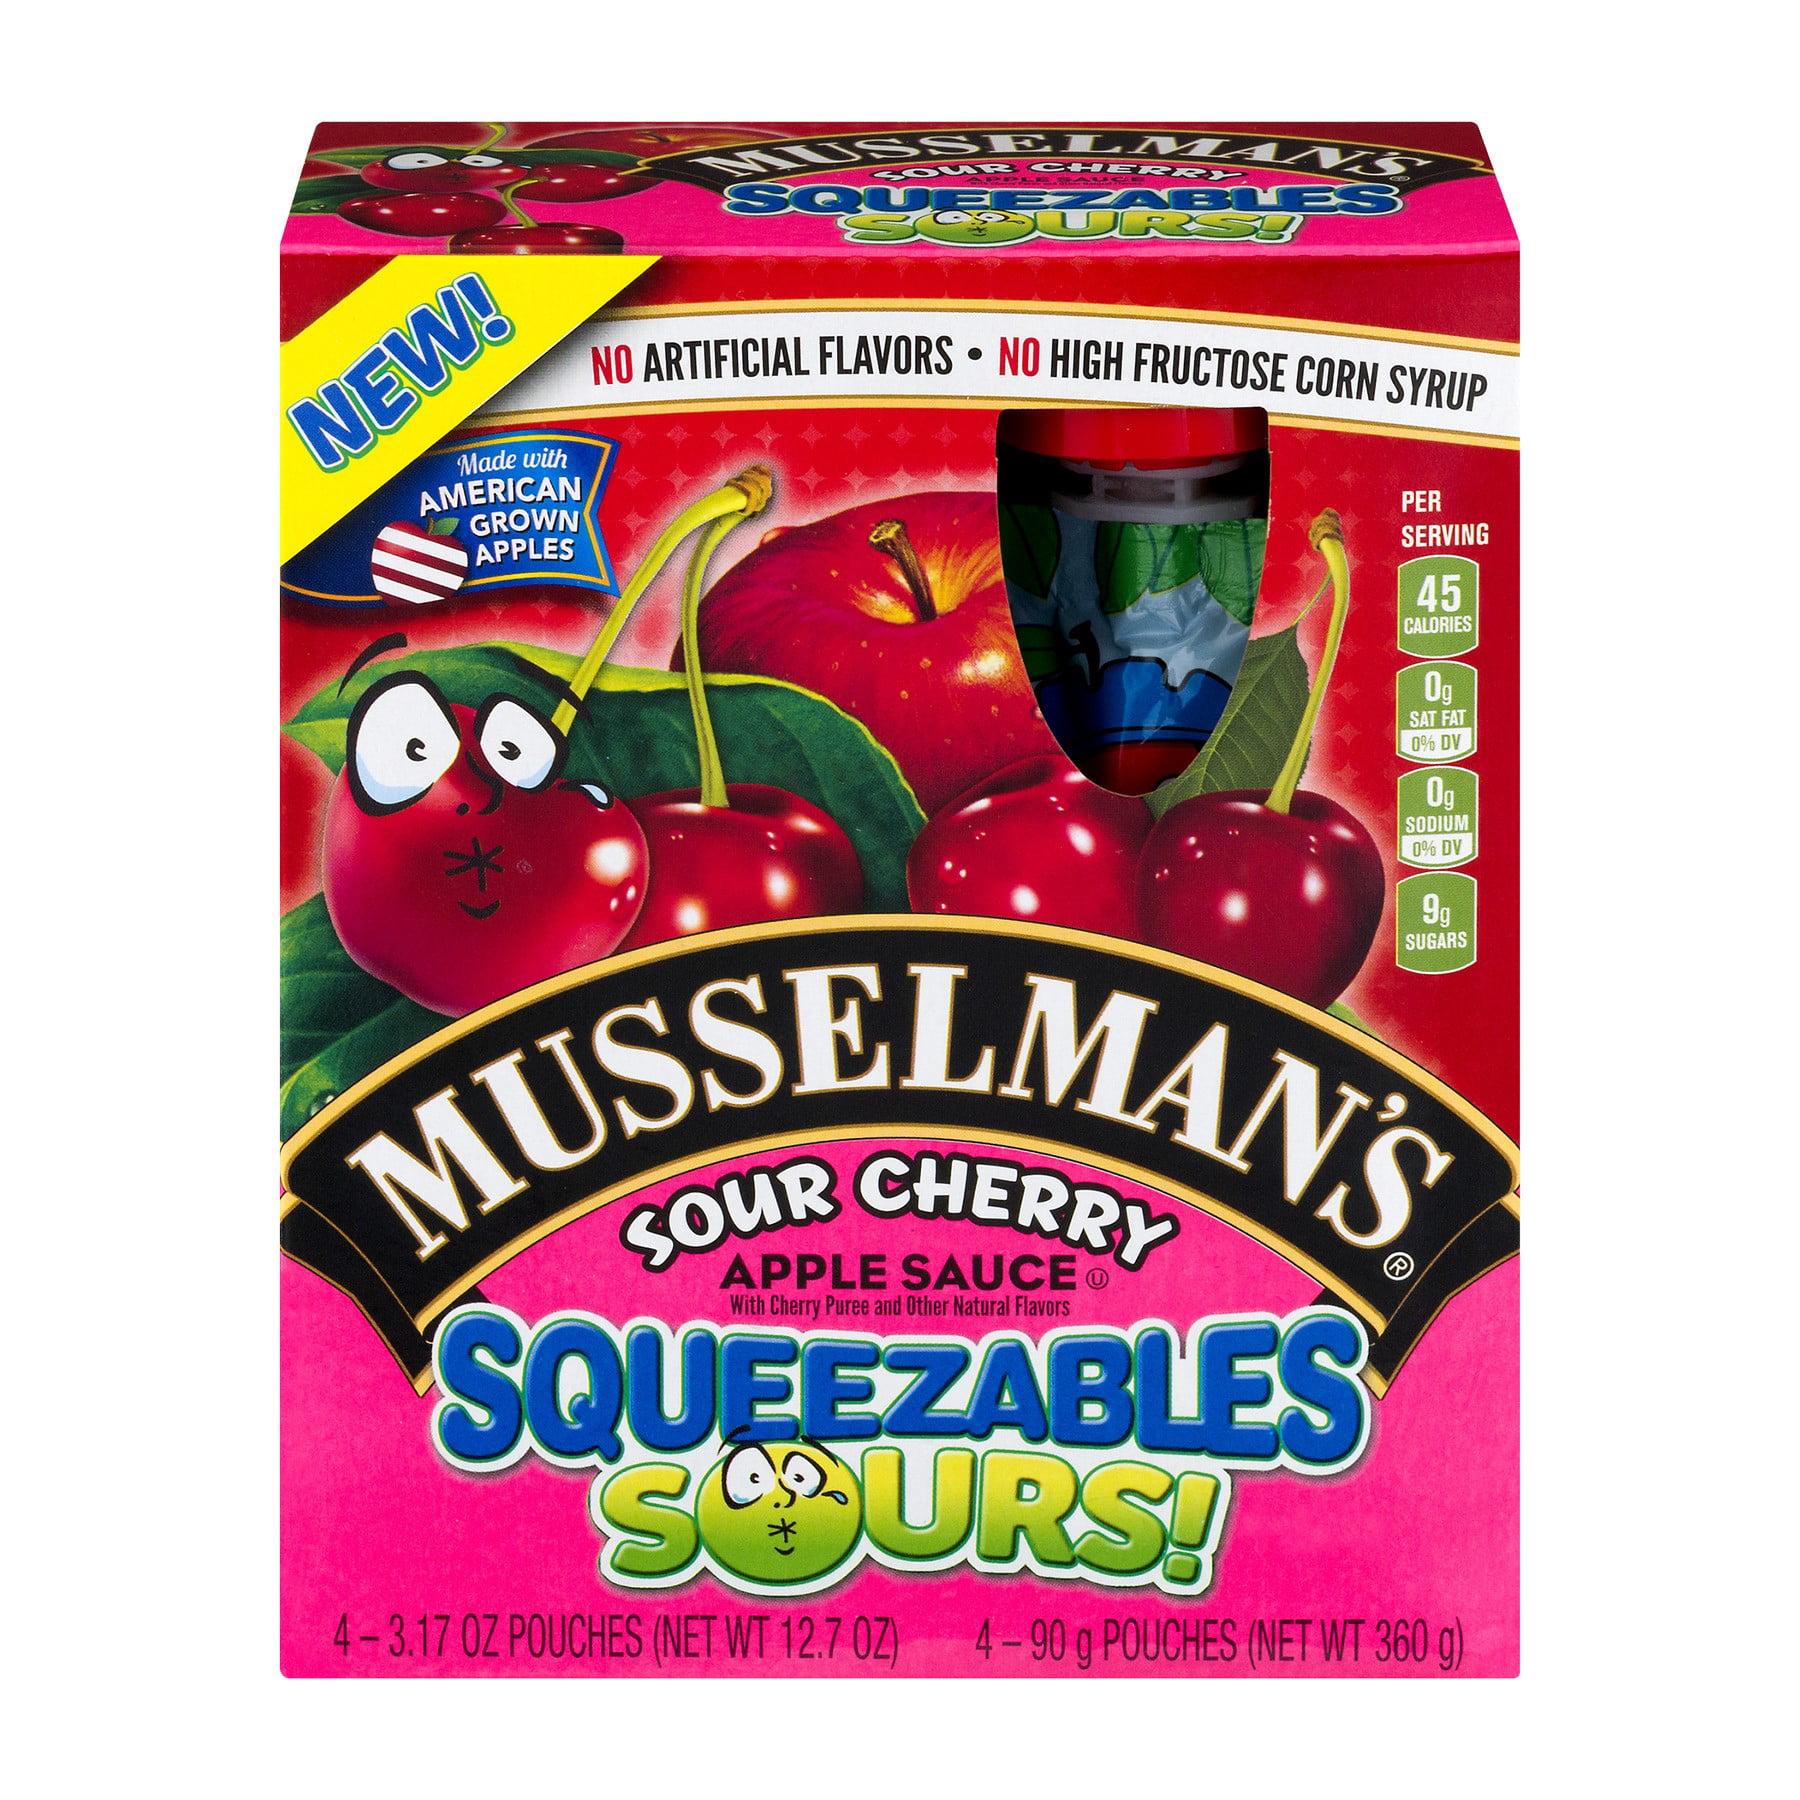 (2 pack) Musselman's Squeezables Sours! Sour Cherry Apple Sauce 4-3.17 oz. Pouches